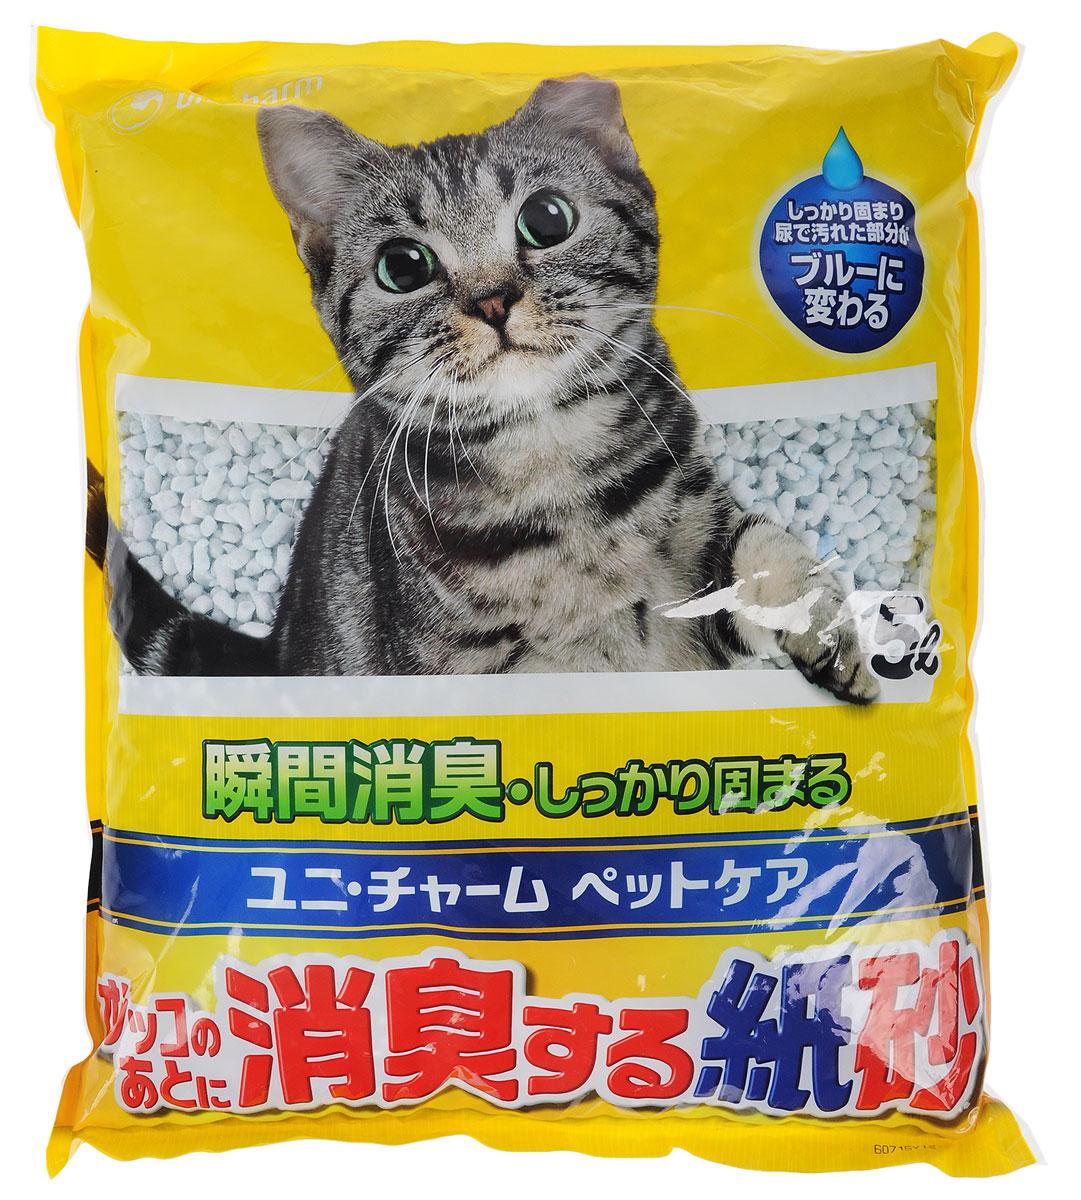 Наполнитель для кошачьего туалета Unicharm DeoSand Kamisuna, с сильным дезодорирующим эффектом, 5 л600091/600092Бумажный наполнитель для кошачьего туалета Unicharm DeoSand Kamisuna обеспечивает мощное дезодорирующее действие в течение длительного времени, полностью устраняет запах кошачьих экскрементов. Мгновенно впитывает влагу и собирается в твердые комочки. При поглощении влаги наполнитель меняет цвет, благодаря чему его можно своевременно обнаружить и удалить. Наполнитель производится из экологически чистых природных материалов. Изделие содержит специальные ароматизированные гранулы, которые предотвращают распространение запахов даже в закрытом помещении. Наполнитель Unicharm DeoSand Kamisuna надолго обеспечивает чистоту и свежесть лотка вашей кошки. Состав: вторичная целлюлоза, абсорбирующий полимер, крахмал, ароматизатор. Товар сертифицирован.